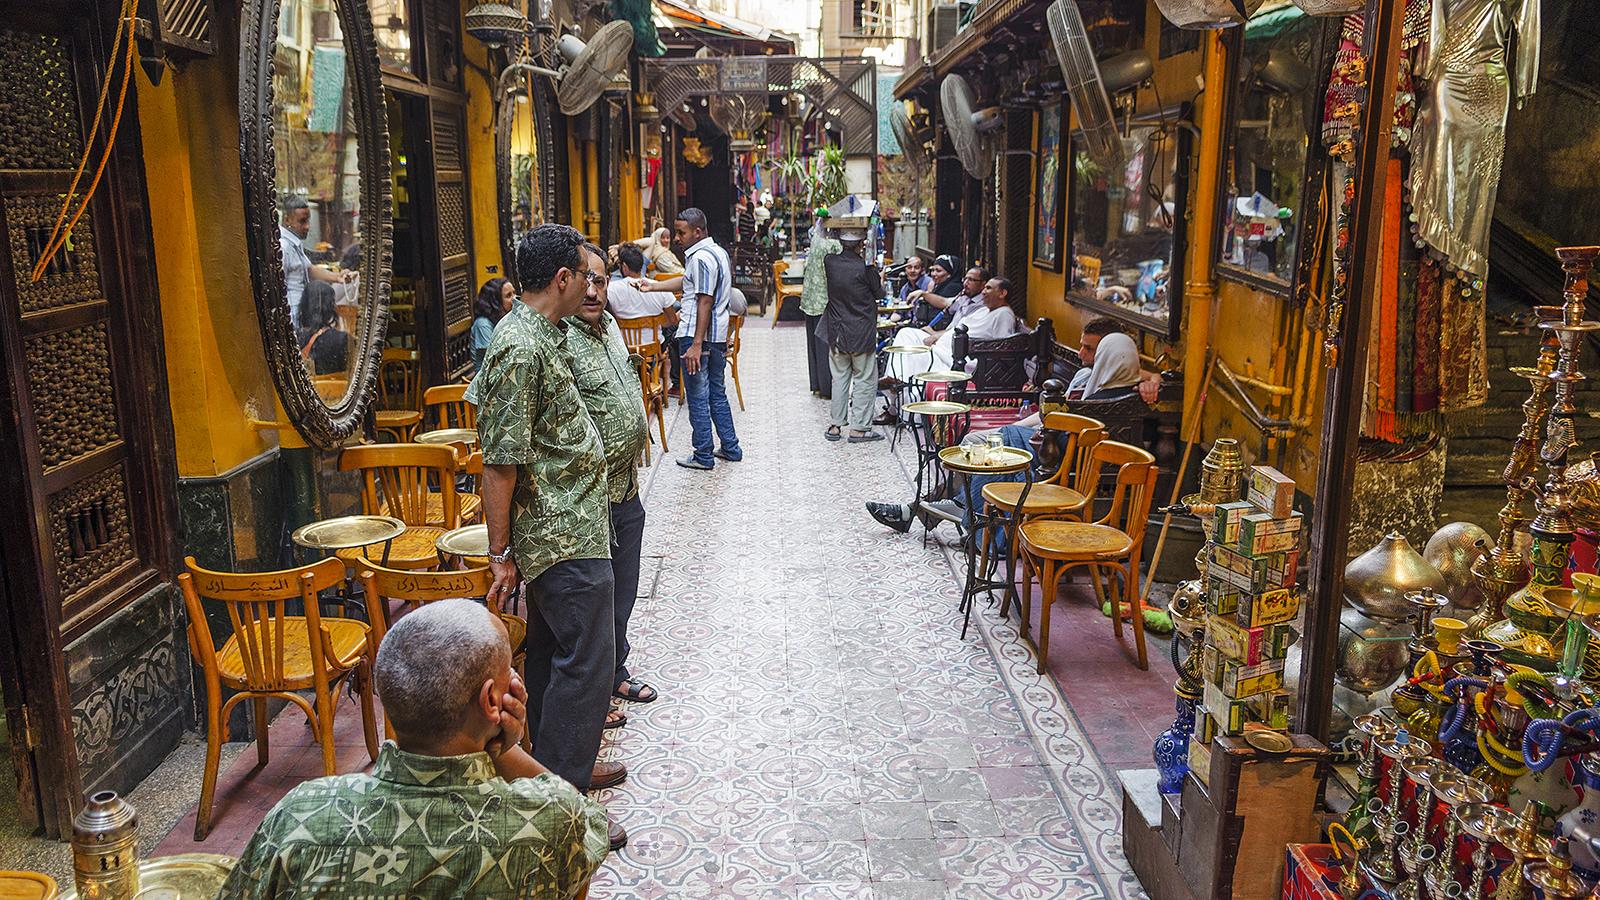 egypt-cafe.ngsversion.1412609839258